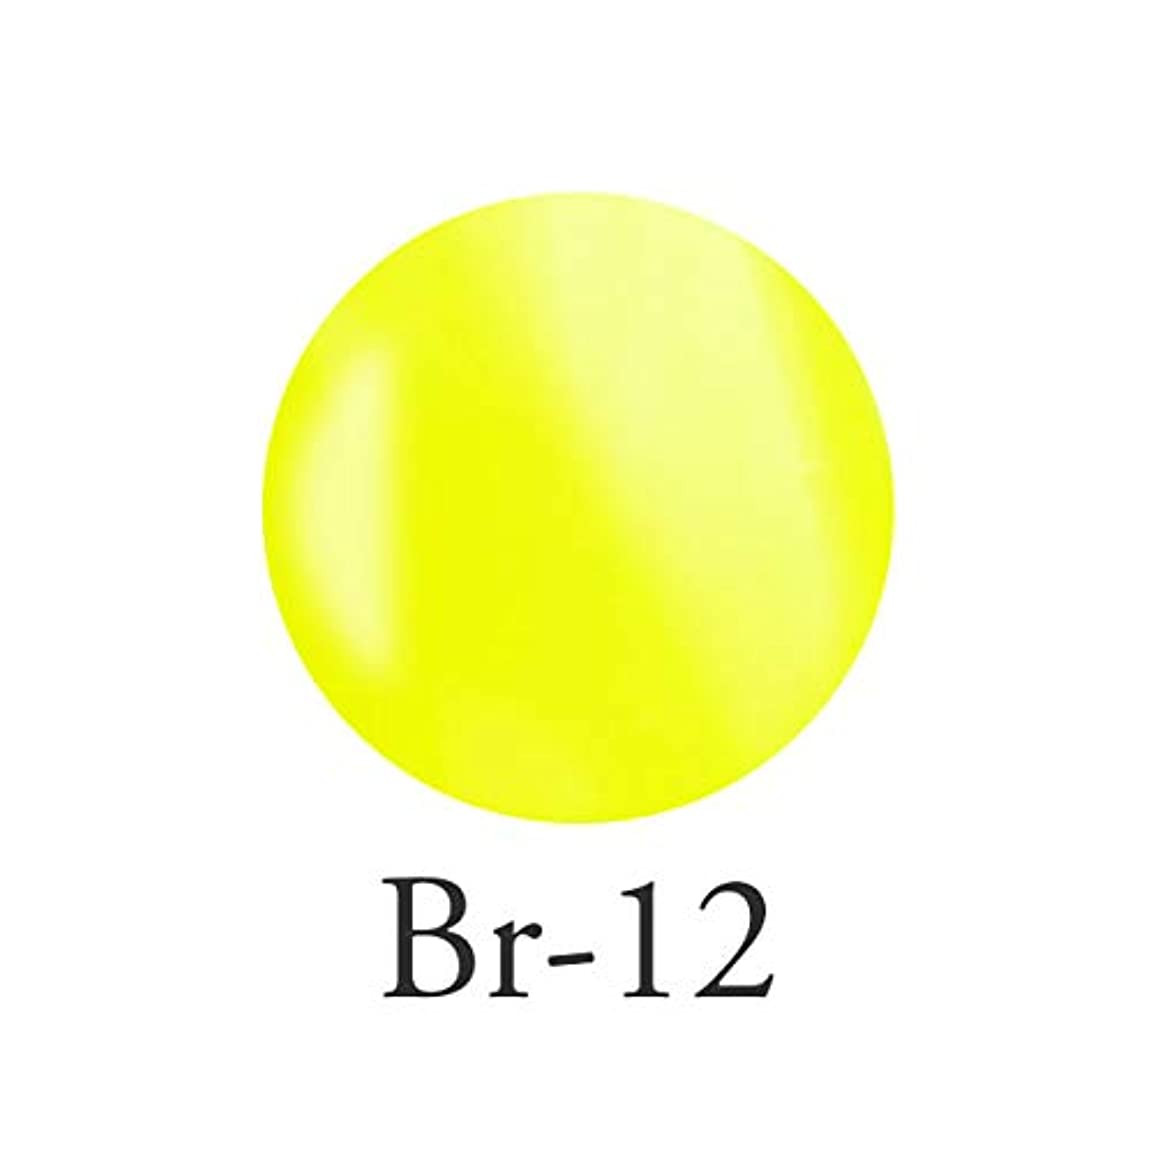 宗教的な簡潔なステッチエンジェル クィーンカラージェル オデットイエロー Br-12 3g